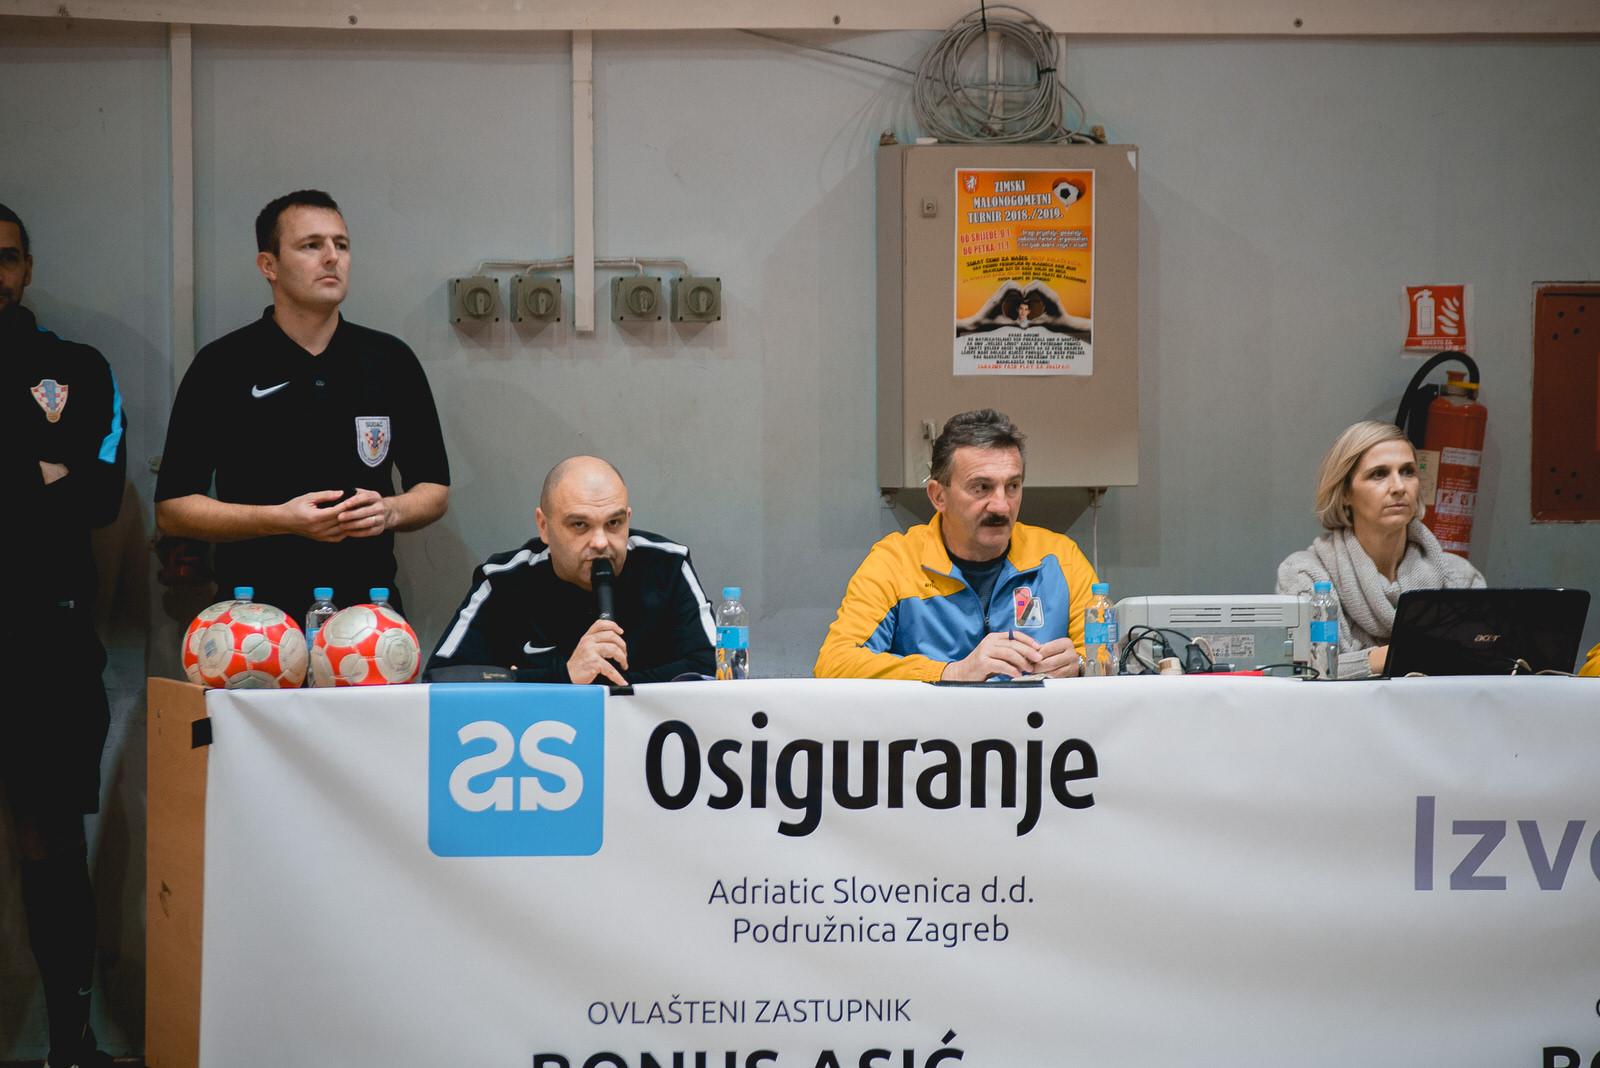 likaclub_gospić_zimski-malonogometni-turnir-2018-19-15